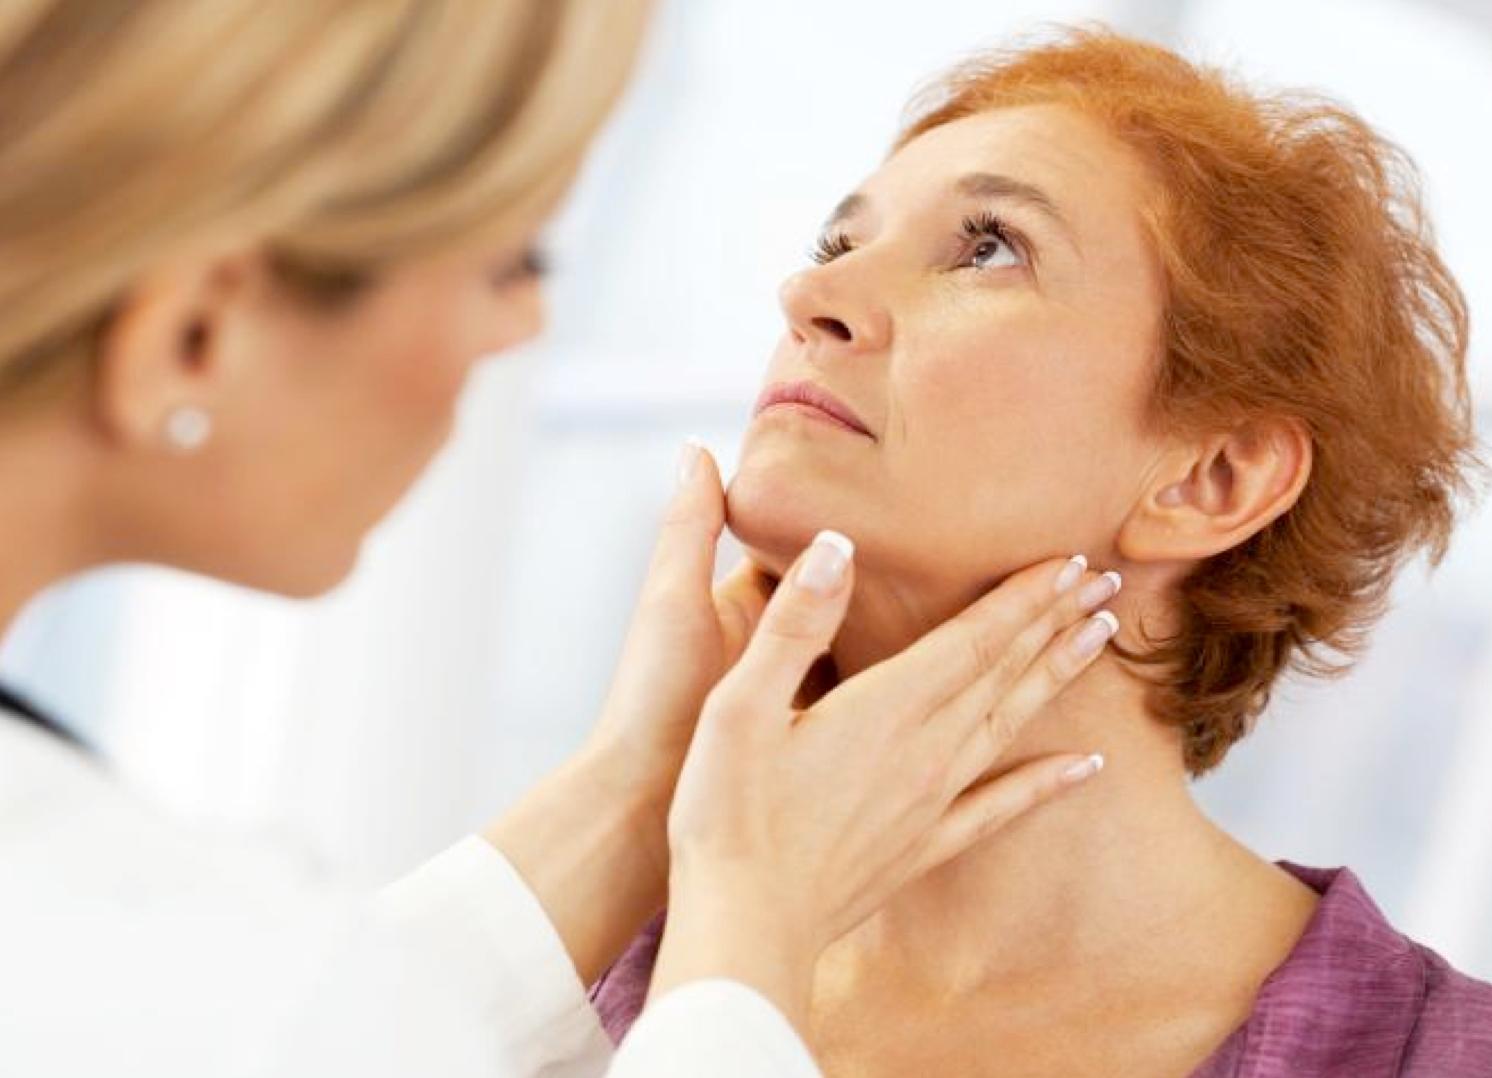 Лечение многоузлового зоба щитовидной железы. Популярные методы